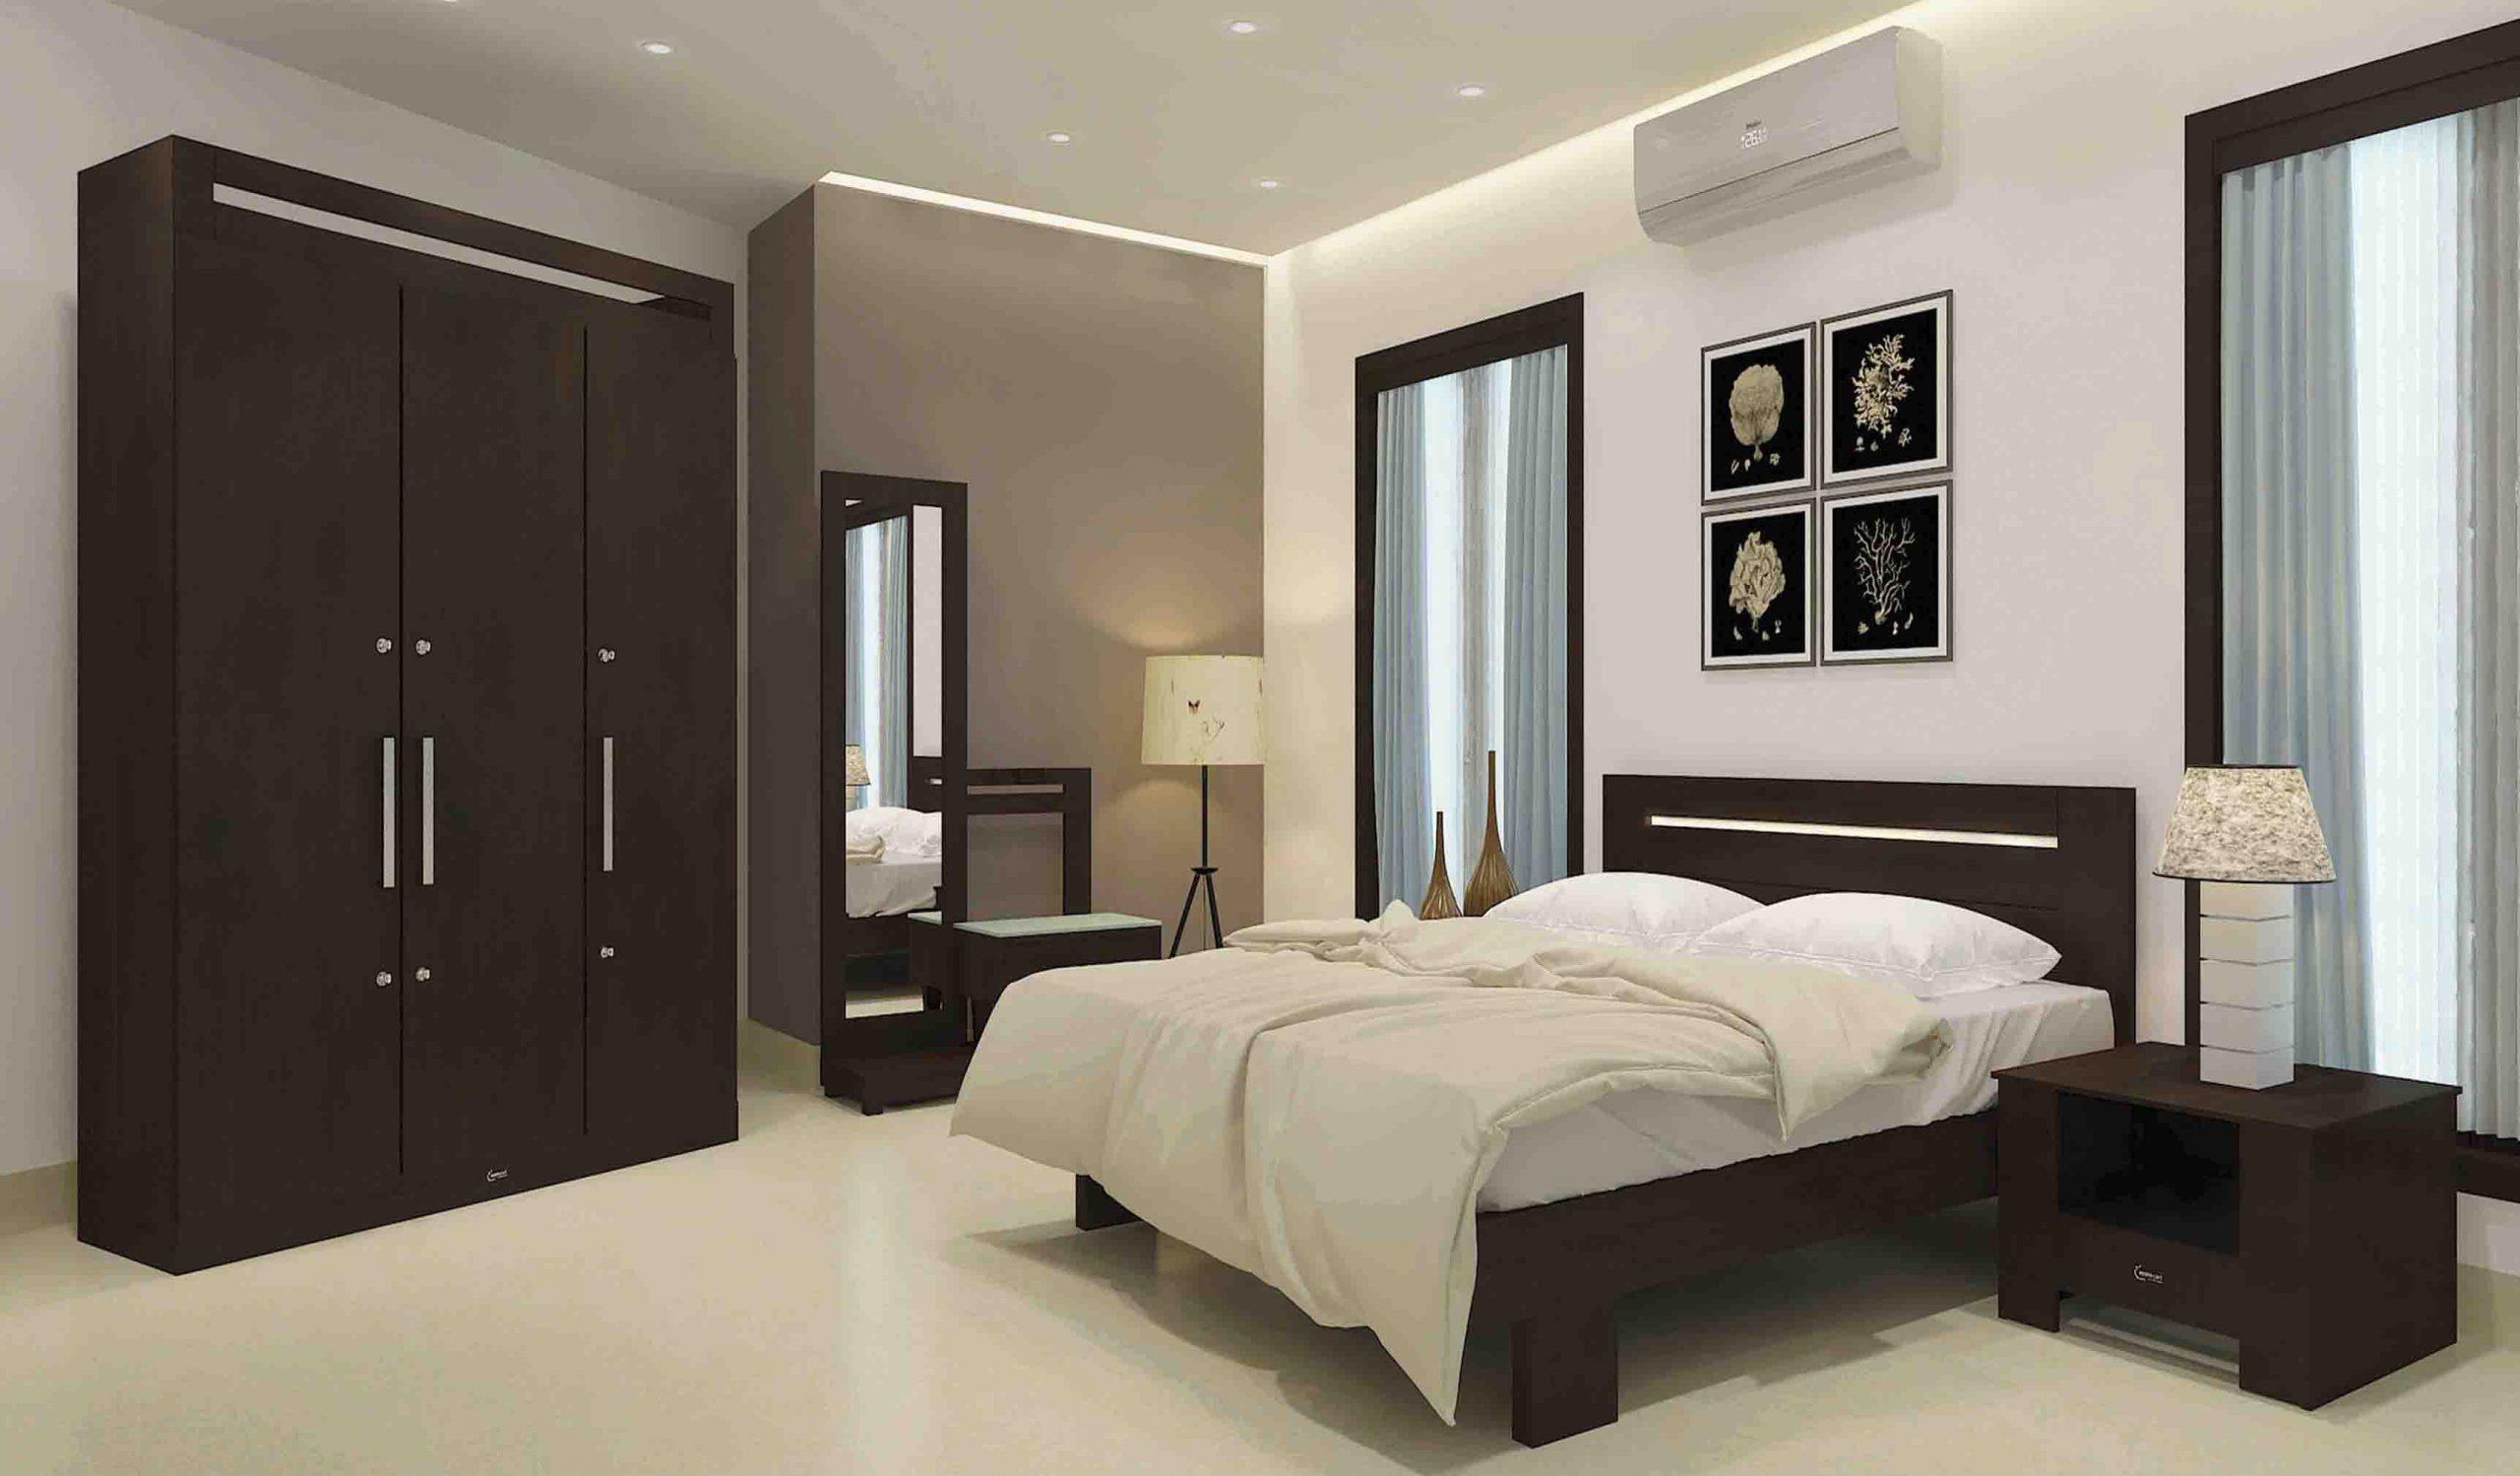 Best bedroom furnitures in kerala